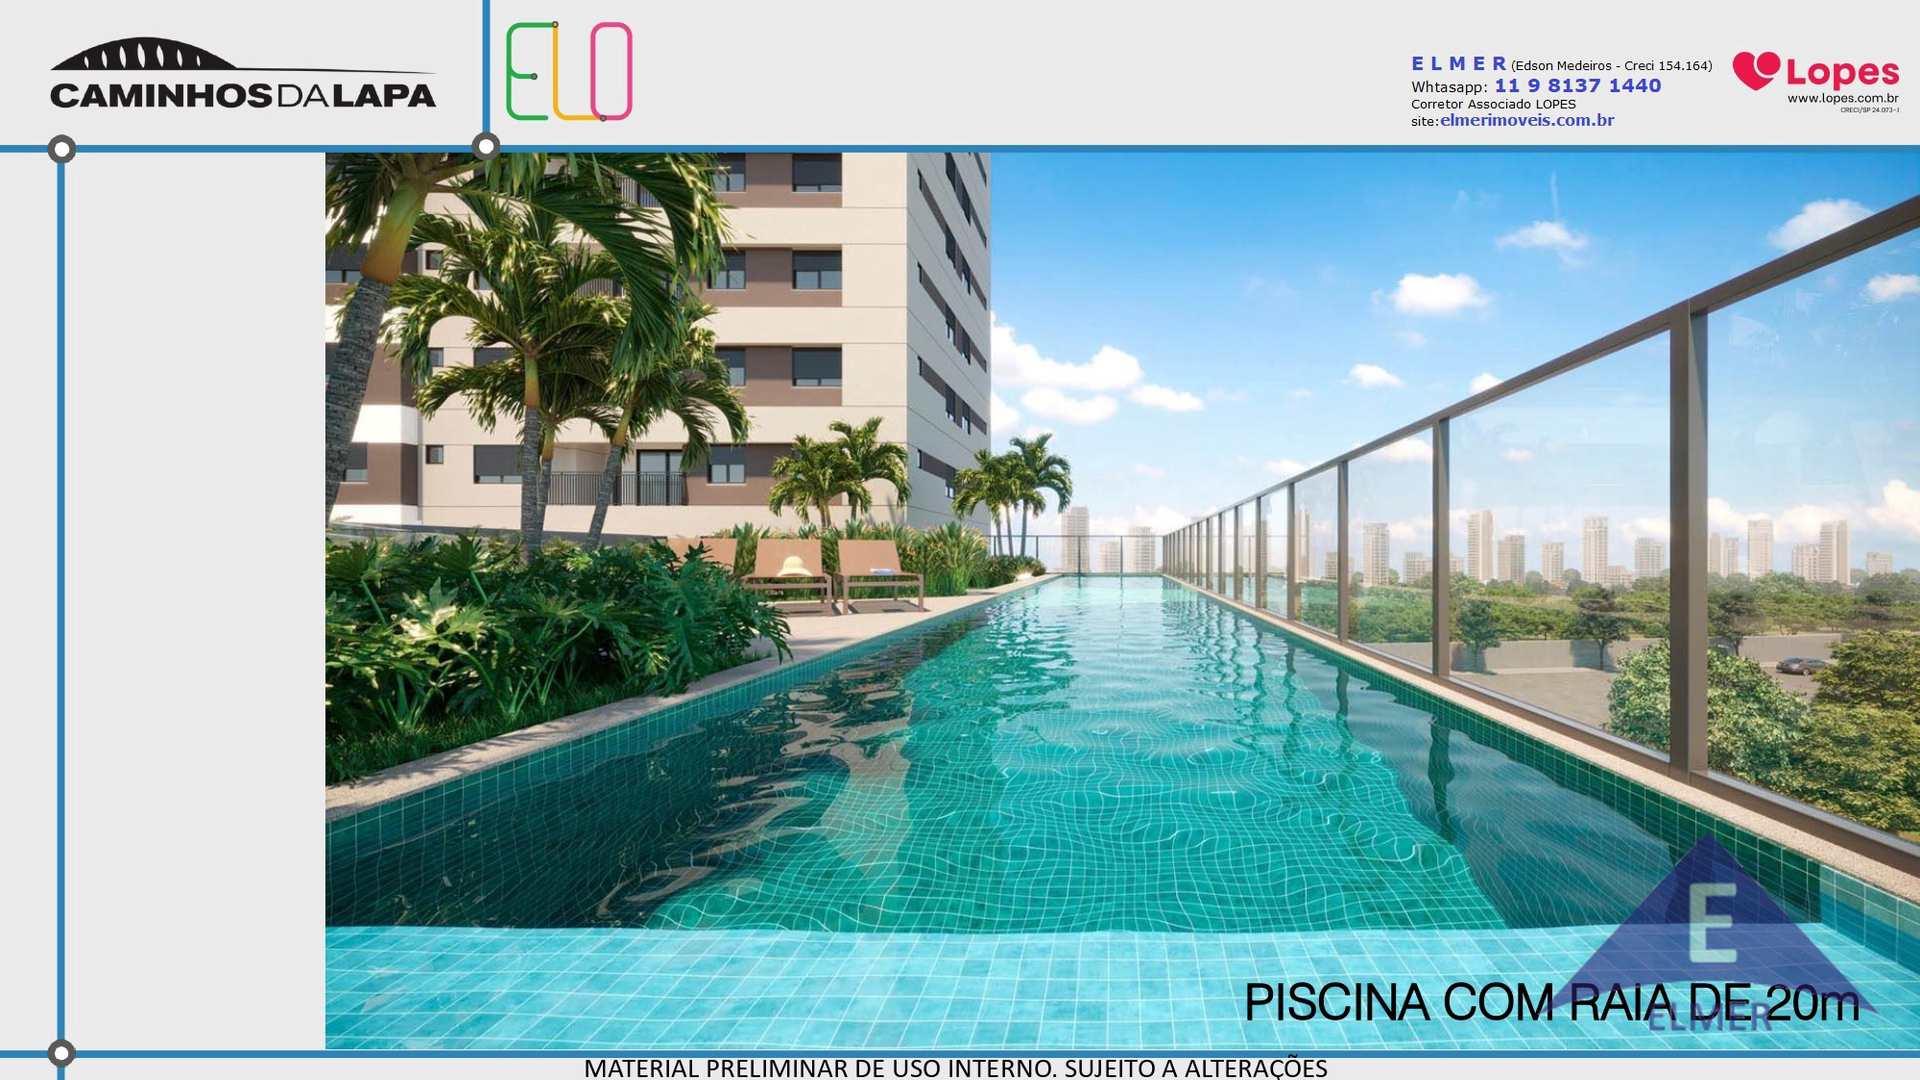 ELO CAMINHOS DA LAPA - APTO 47 m² - 2 dormitórios, Cod: 314